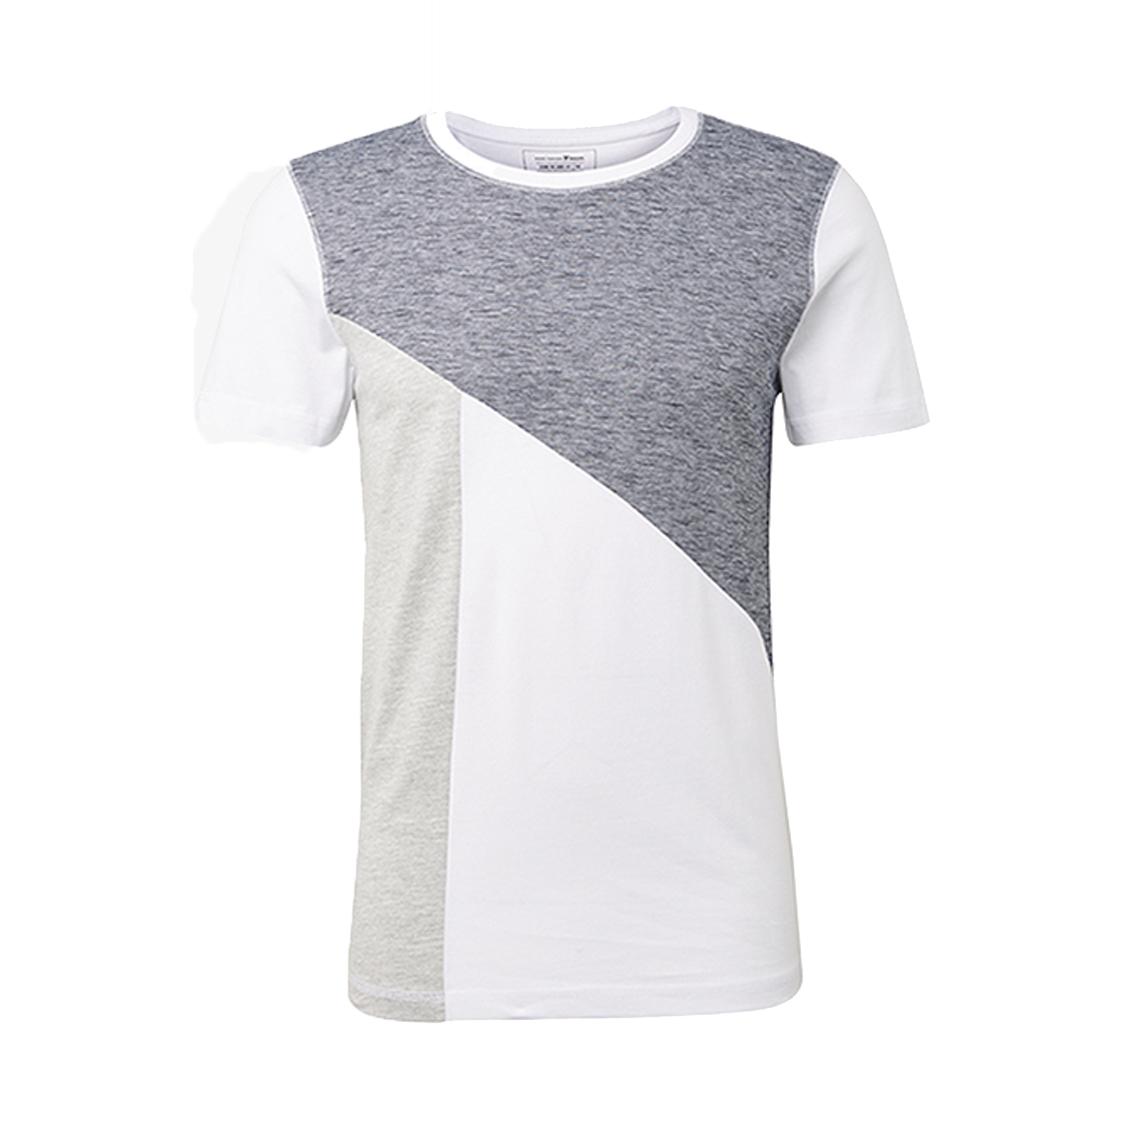 Tee-shirt  en coton blanc à partie bleu denim et bande grise